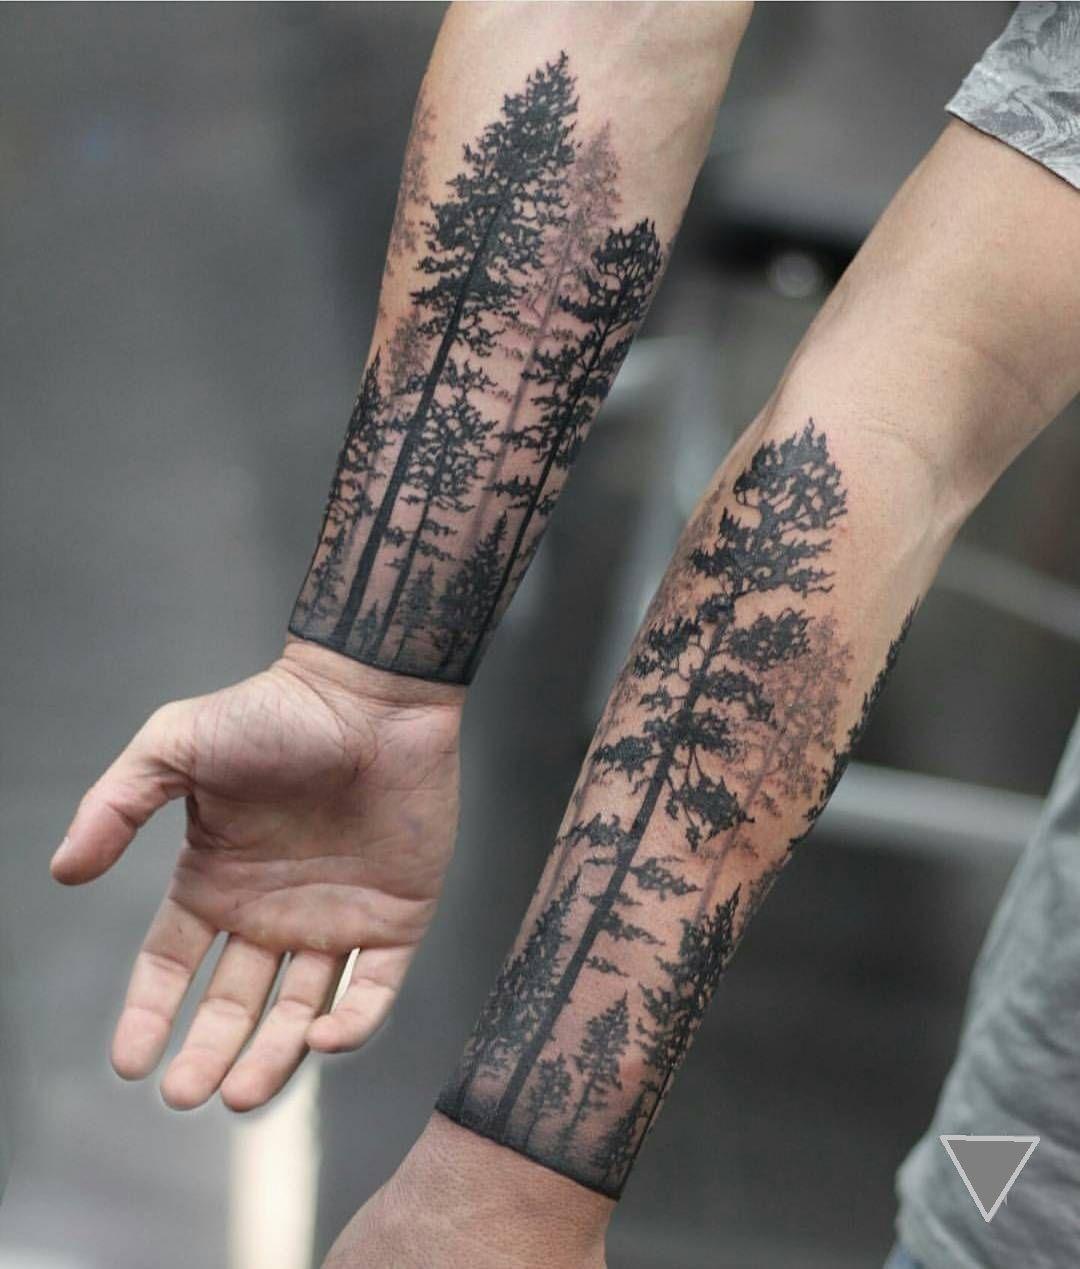 Tatuaje De Bosque Tipo Manga Tatuajes Para Hombres Tatuajes Para Hombres En El Antebrazo Tatuaje De Bosque En El Brazo